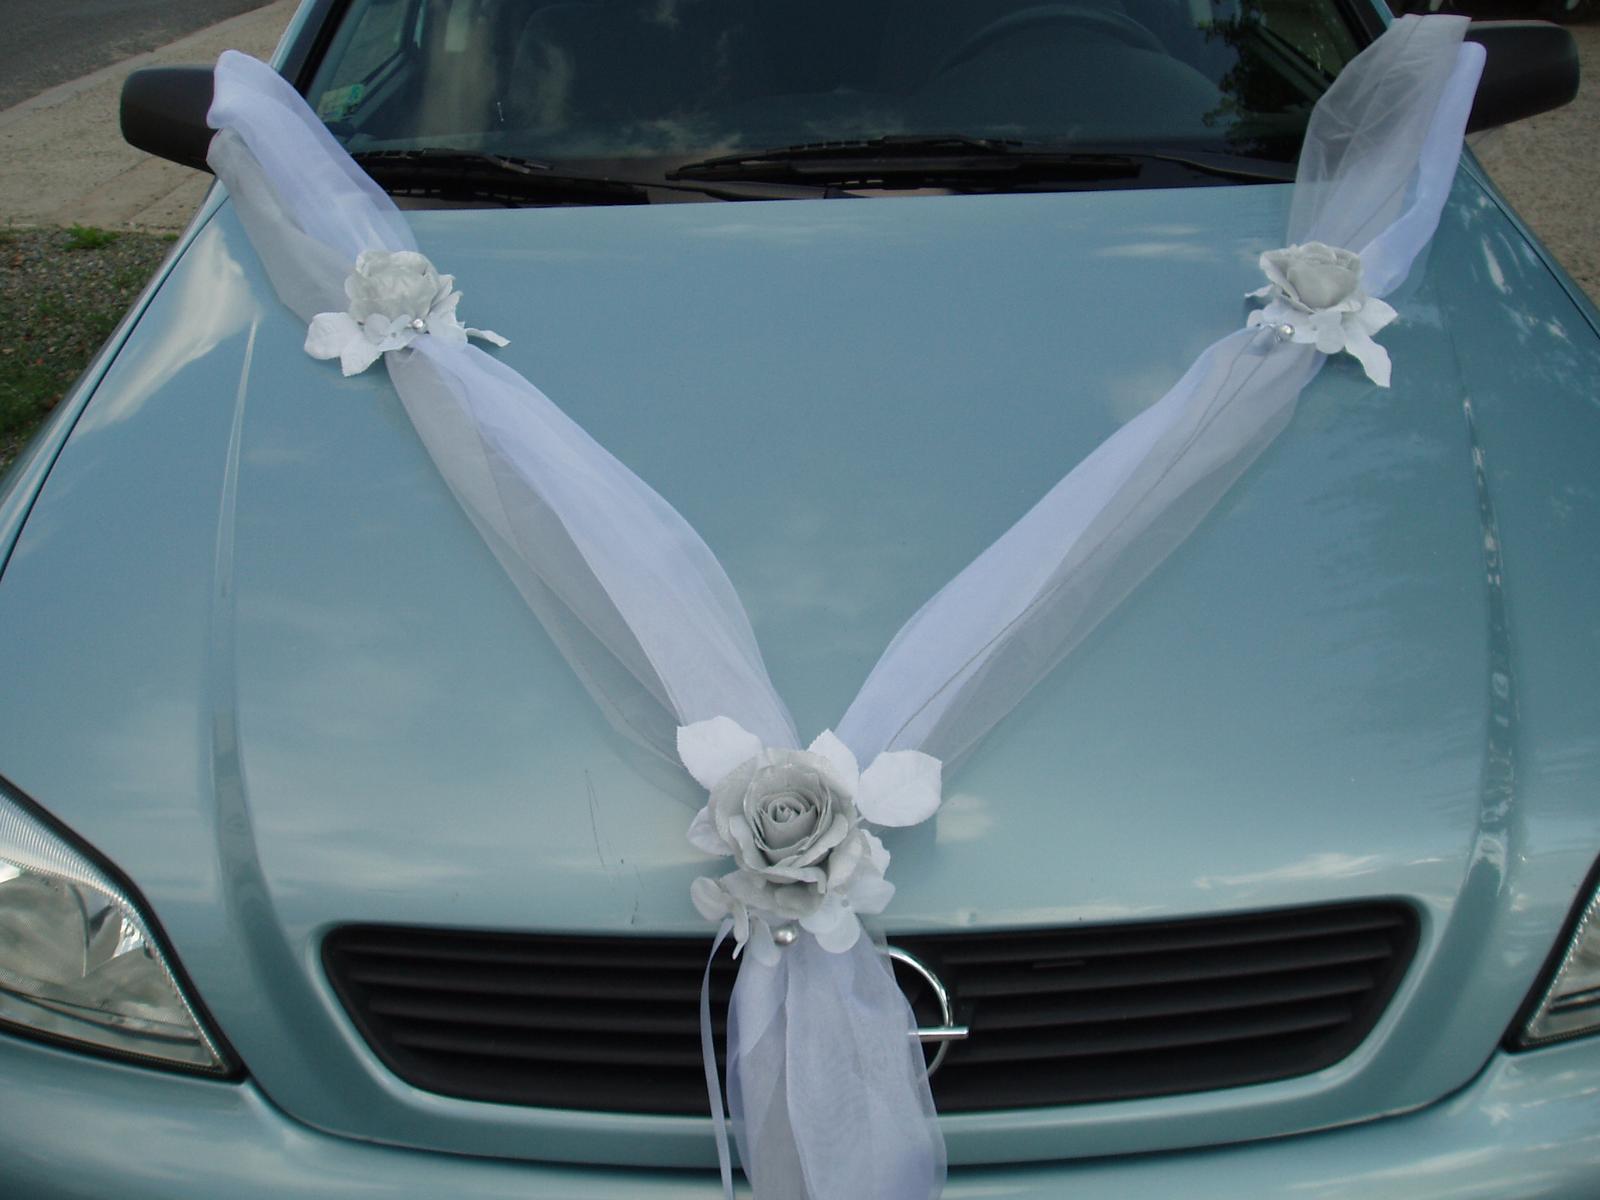 Bílo-stříbrné dekorace na auto - Obrázek č. 13